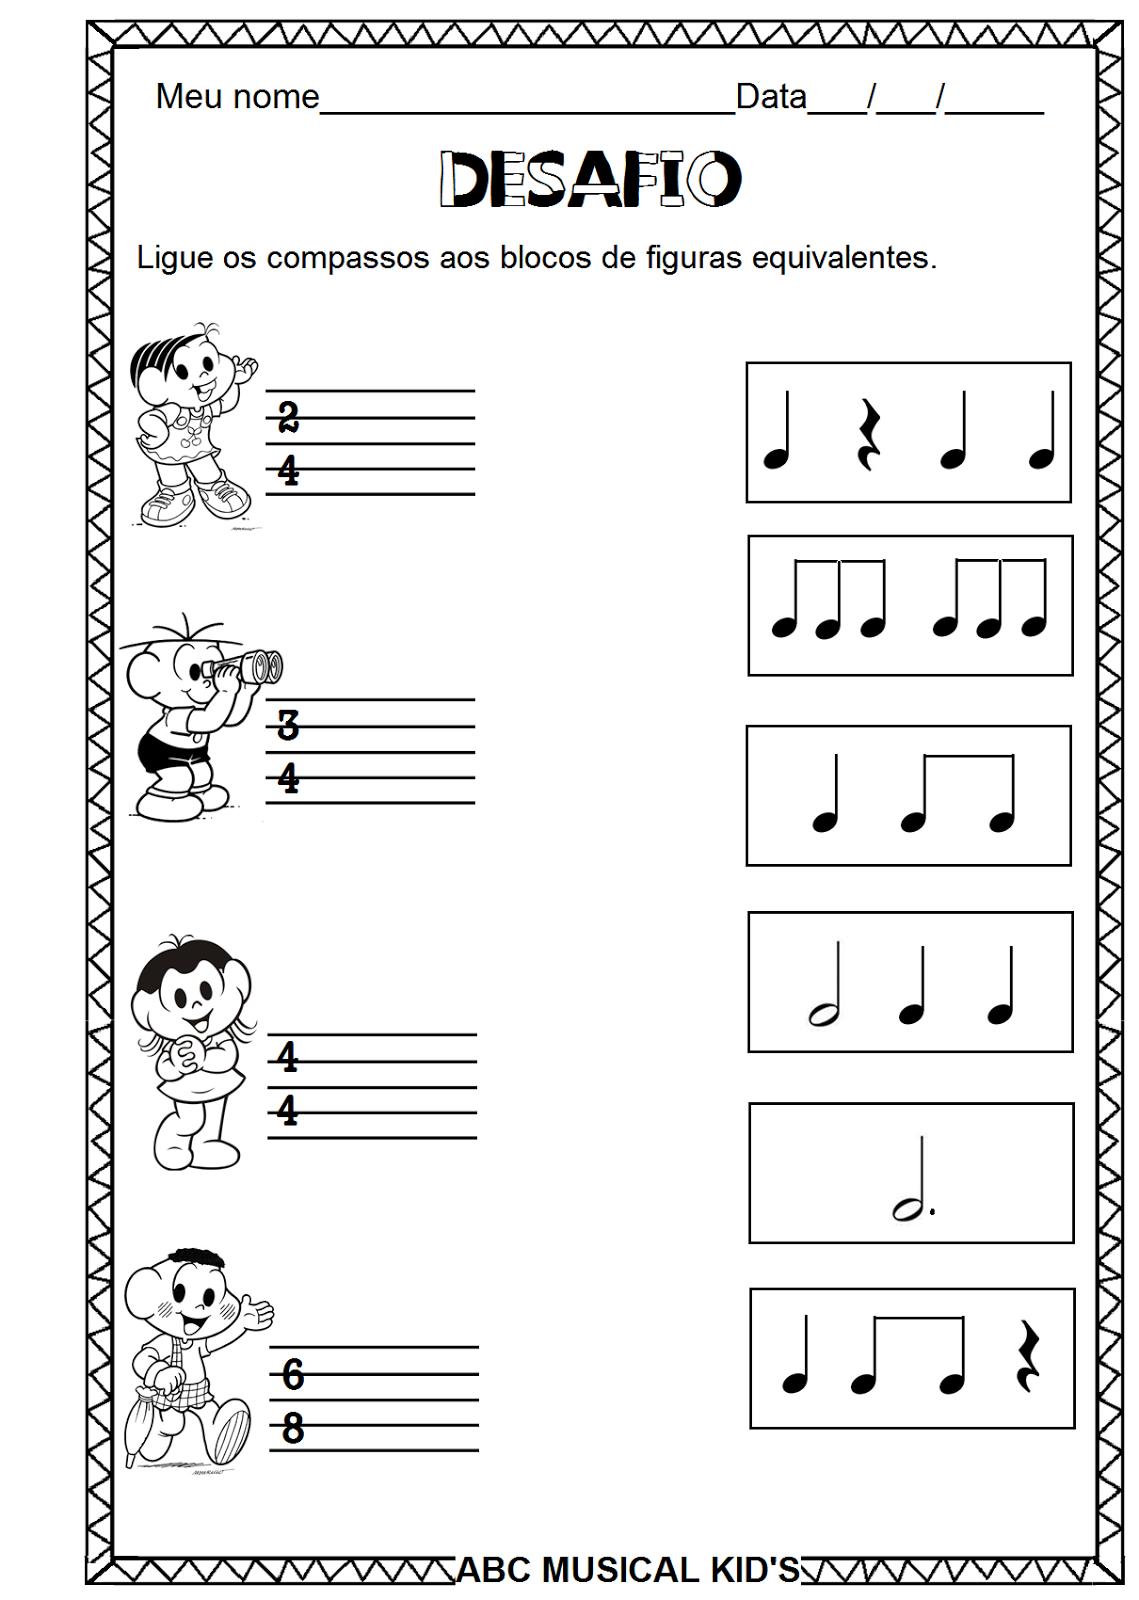 Atividades De Educacao Infantil E Musicalizacao Infantil Atividades De Musica